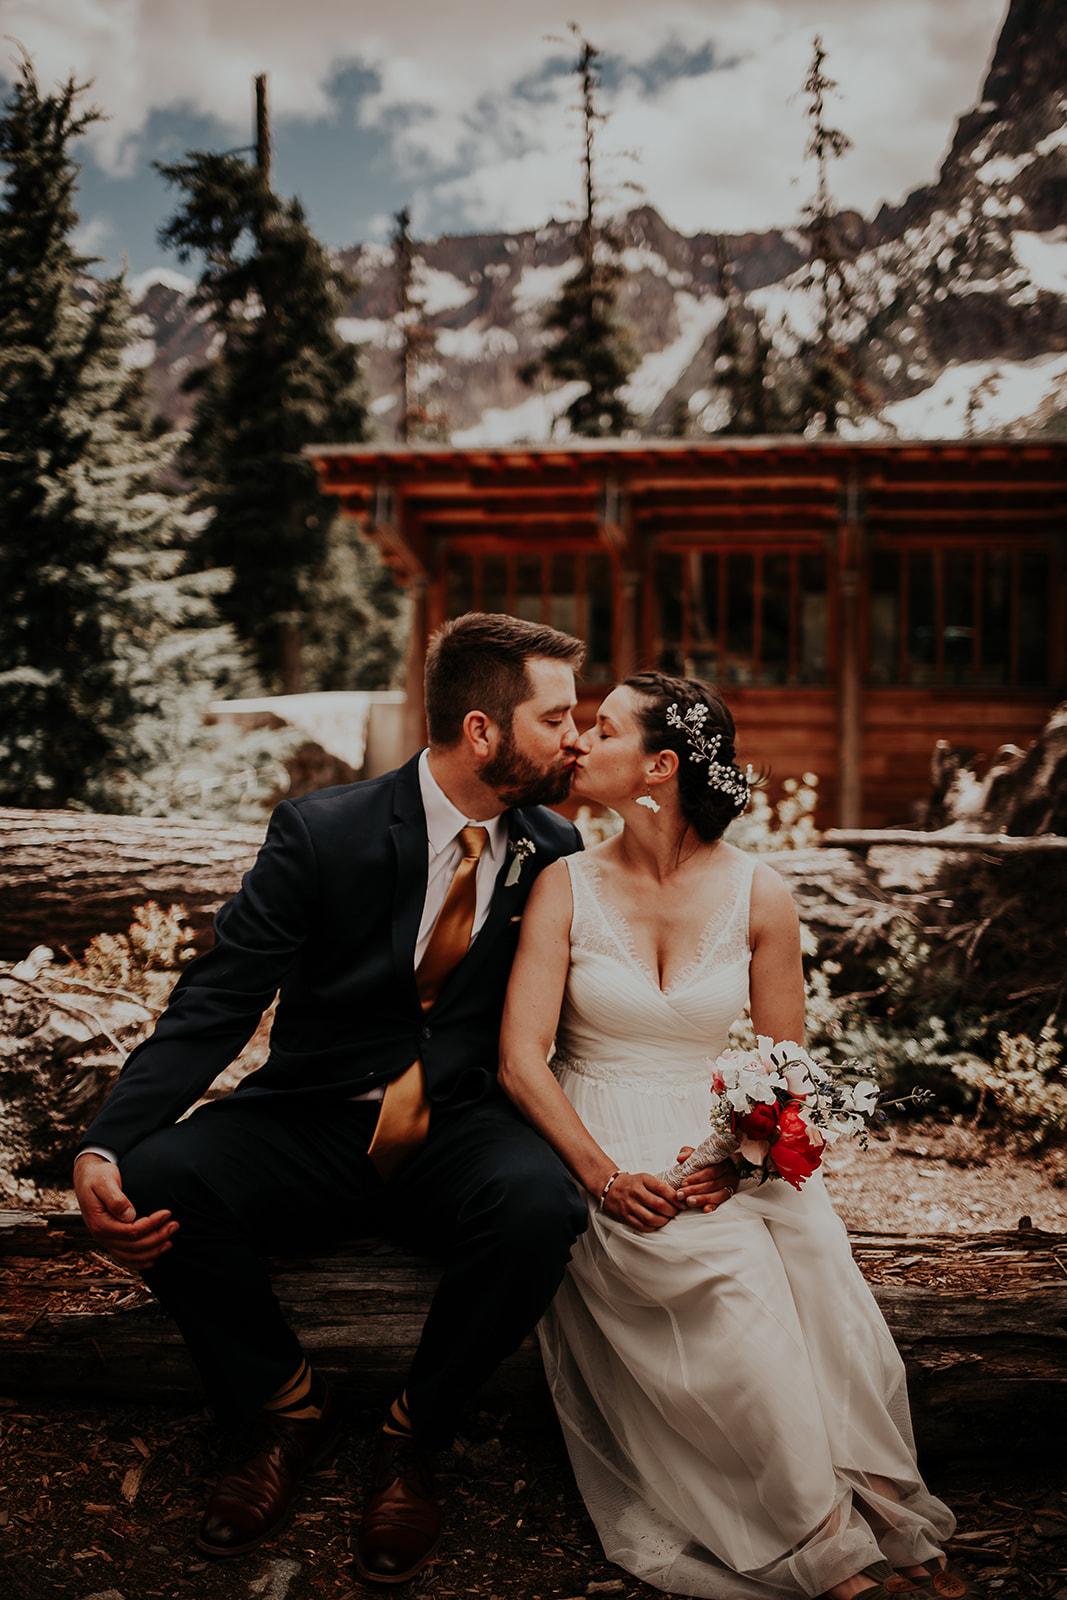 lisaandzack-north-cascades-elopement-wedding-megan-gallagher-photogarphy (22).jpg